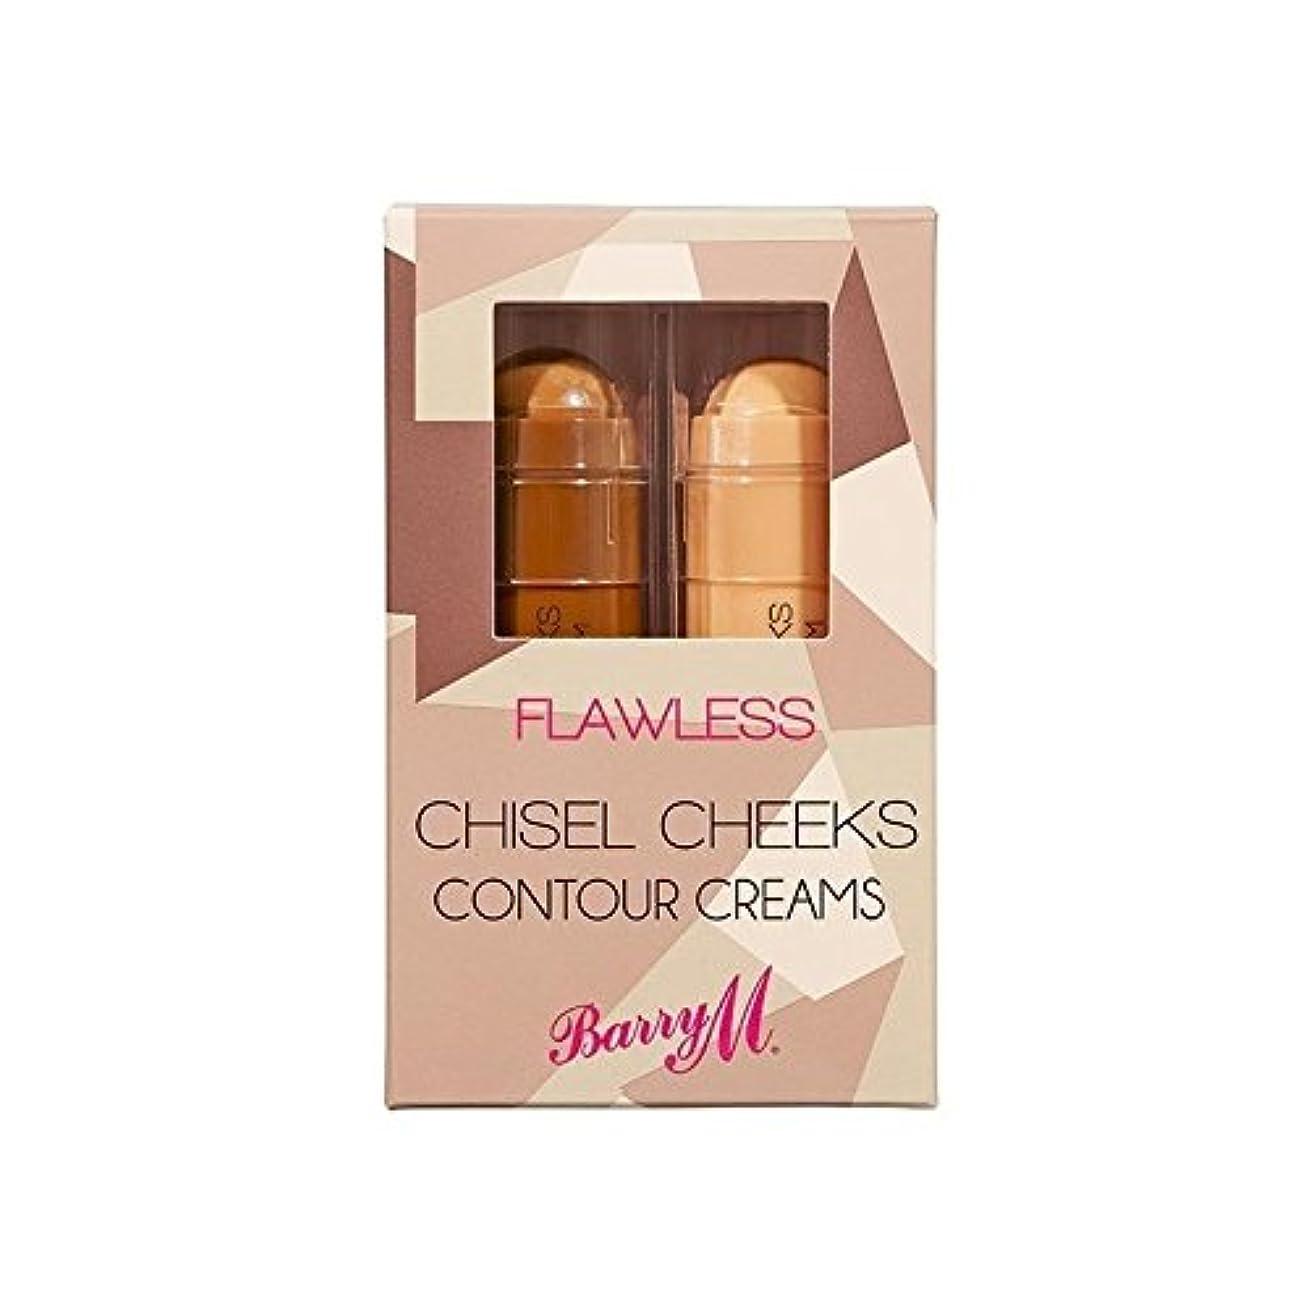 差同様の年齢バリーメートルチゼル頬の輪郭クリーム x2 - Barry M Chisel Cheek Contour Creams (Pack of 2) [並行輸入品]